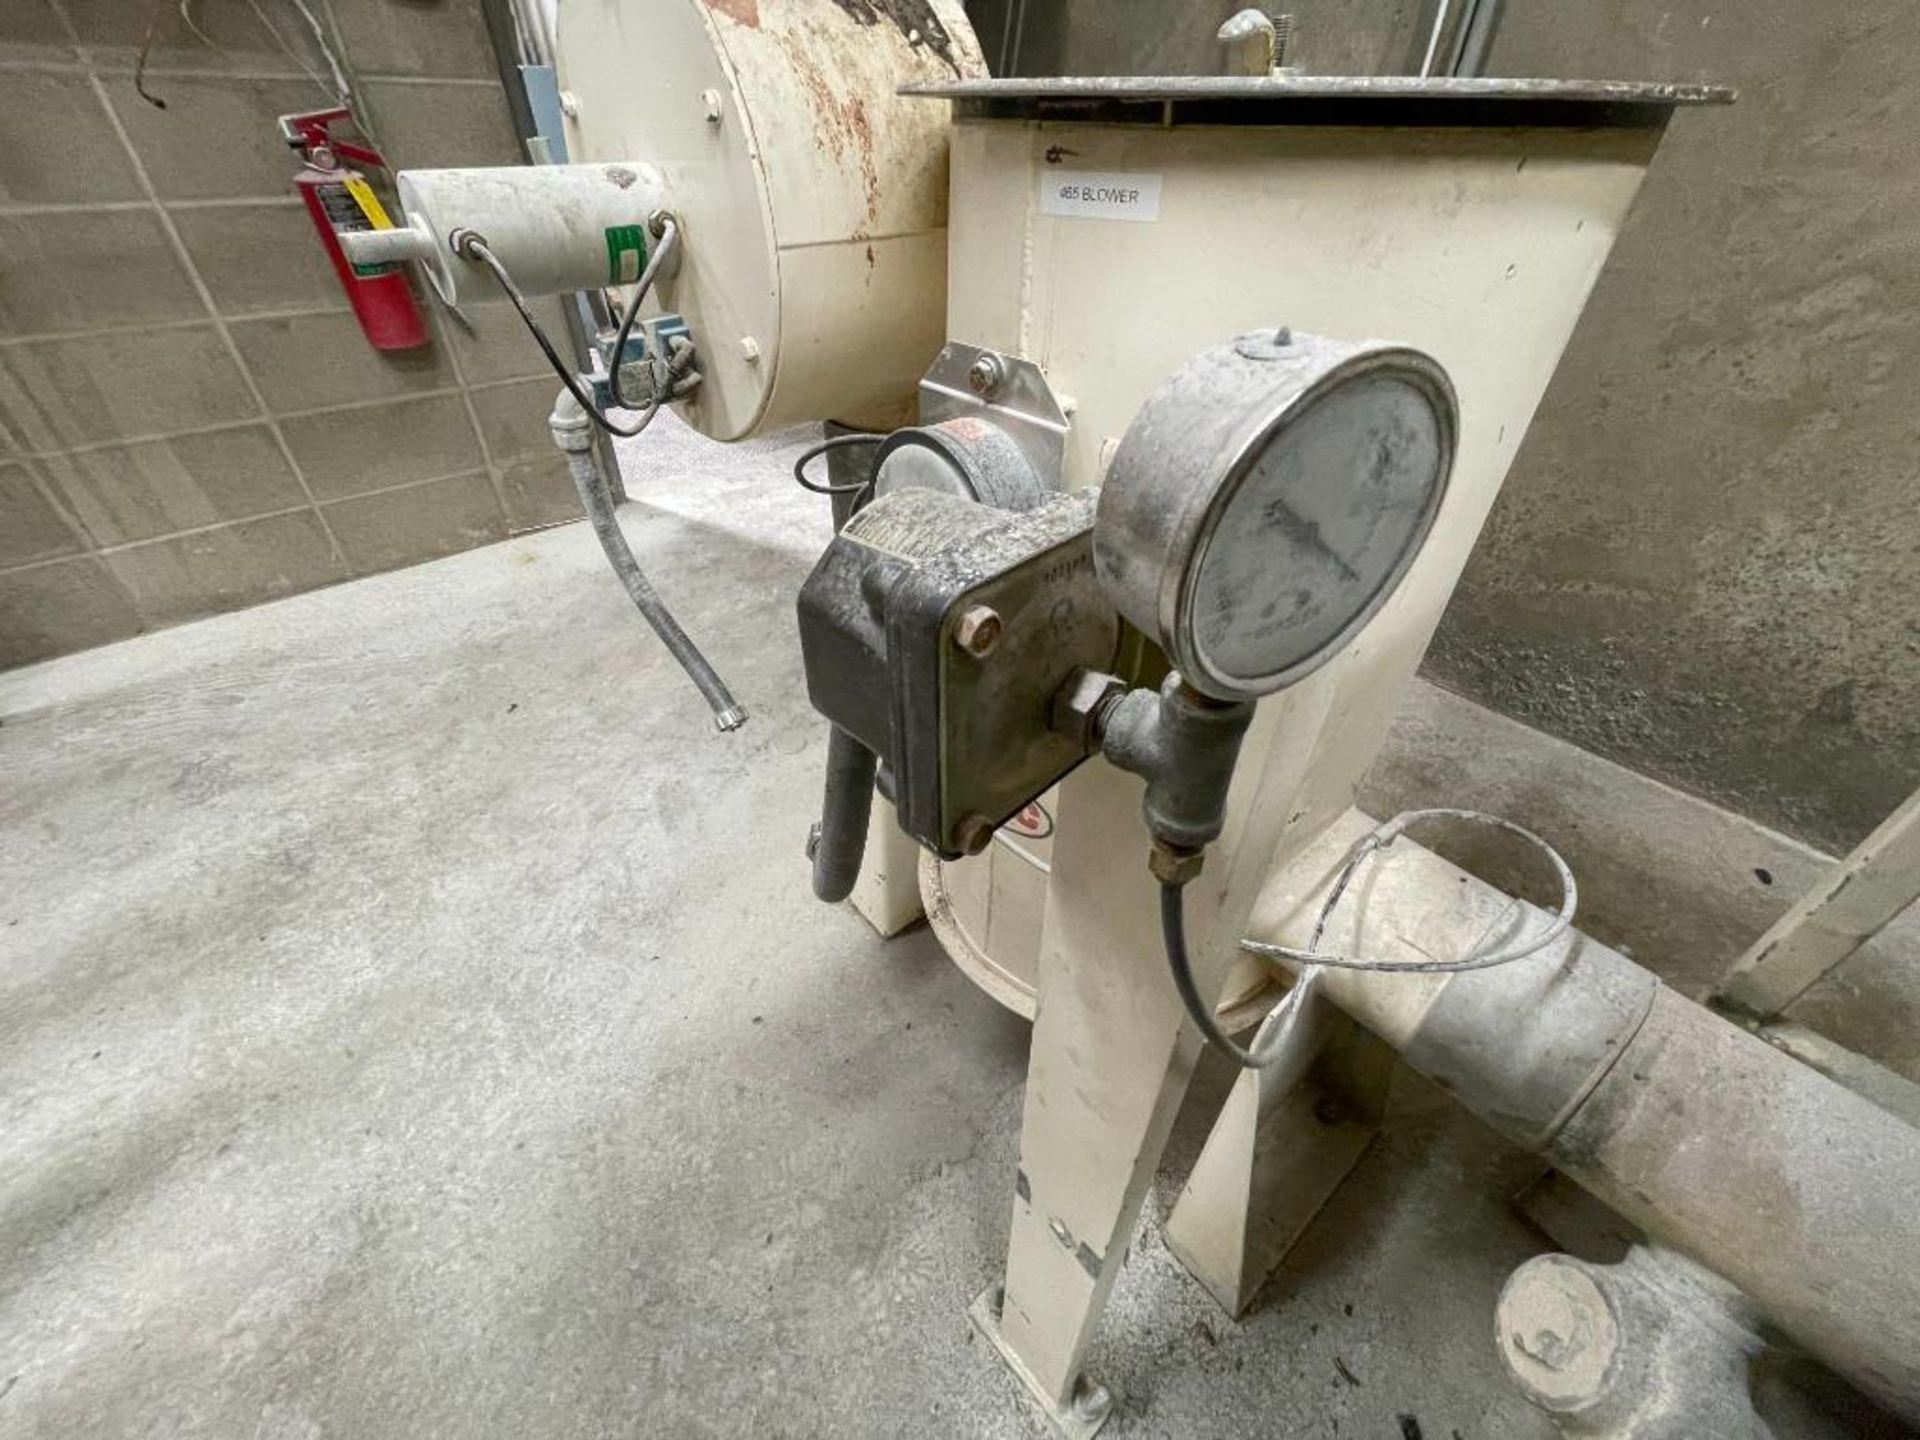 Gardner Denver rotary positive blower - Image 27 of 33